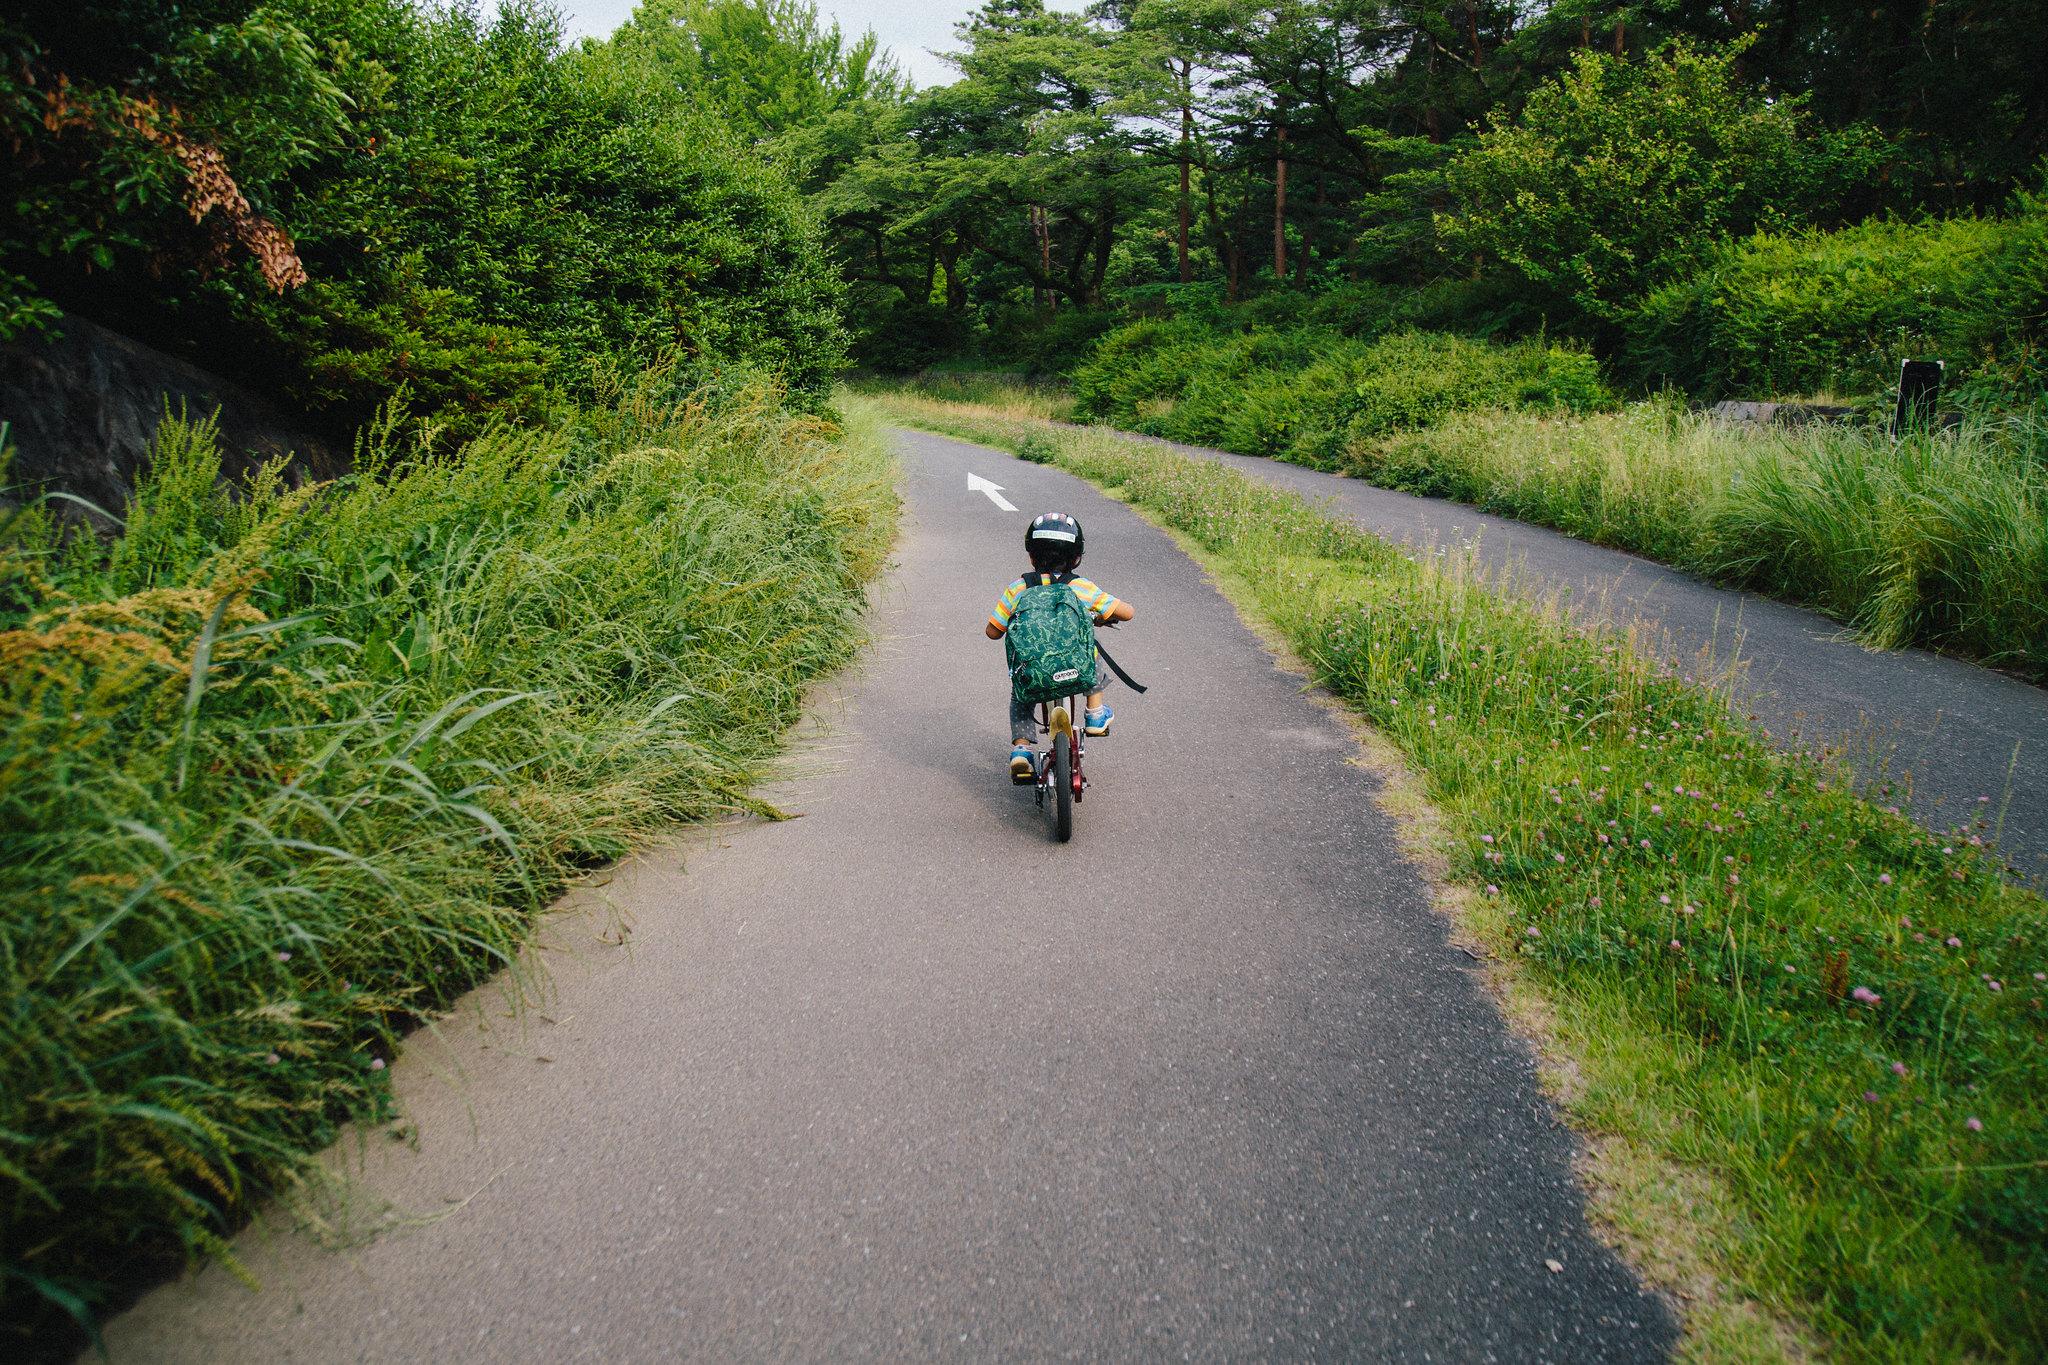 2016-05-31 昭和記念公園 001-13